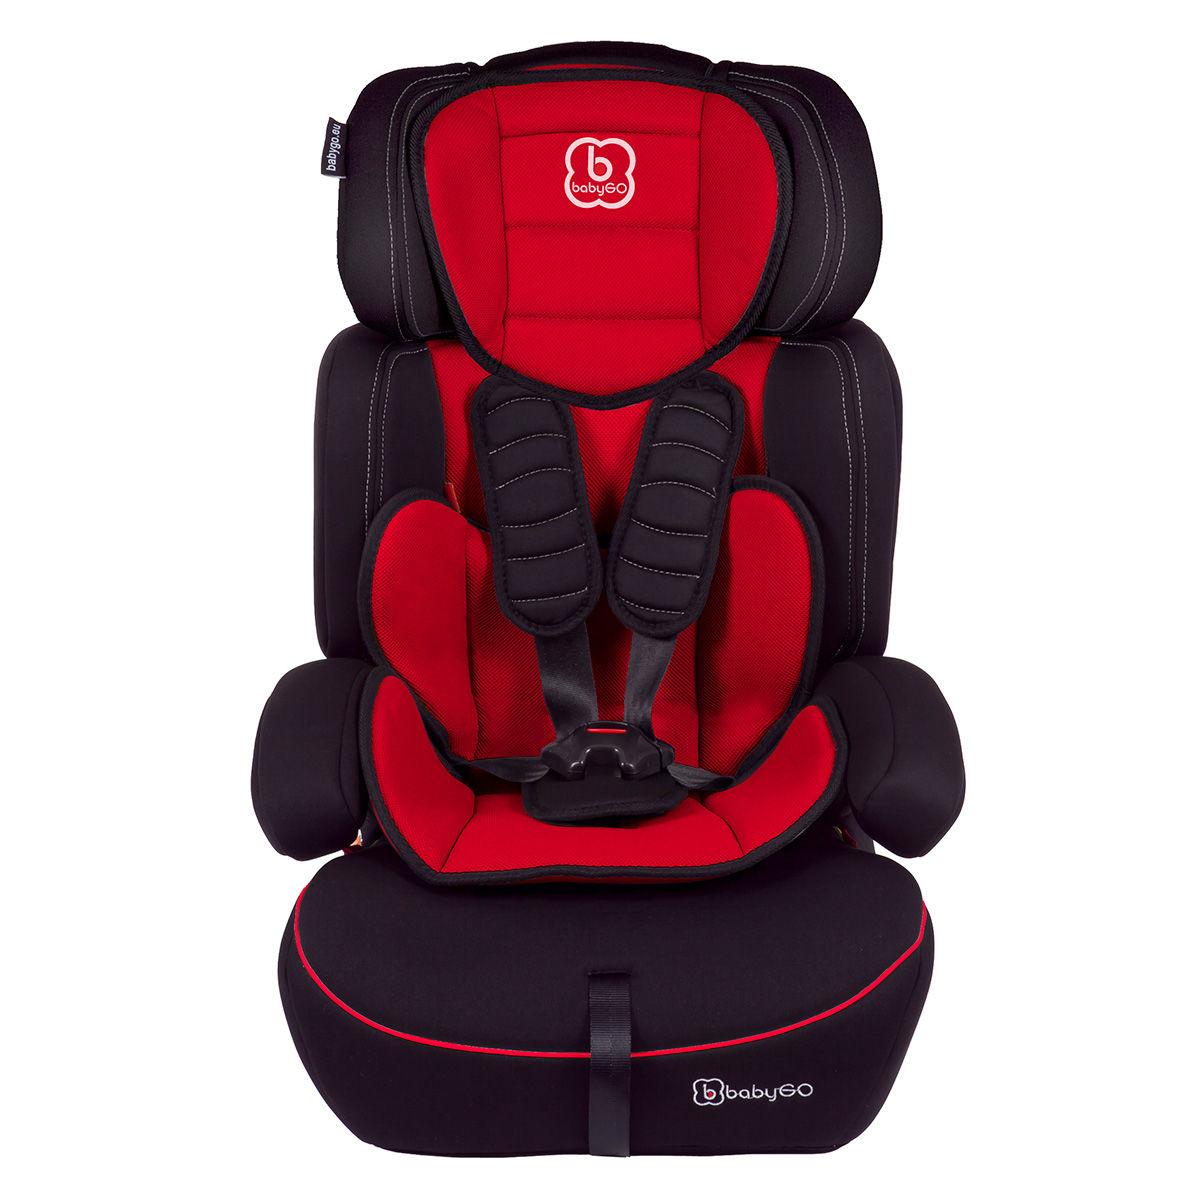 Afbeelding van Autostoel BabyGO FreeMove SP Rood (9-36kg) (310-3)